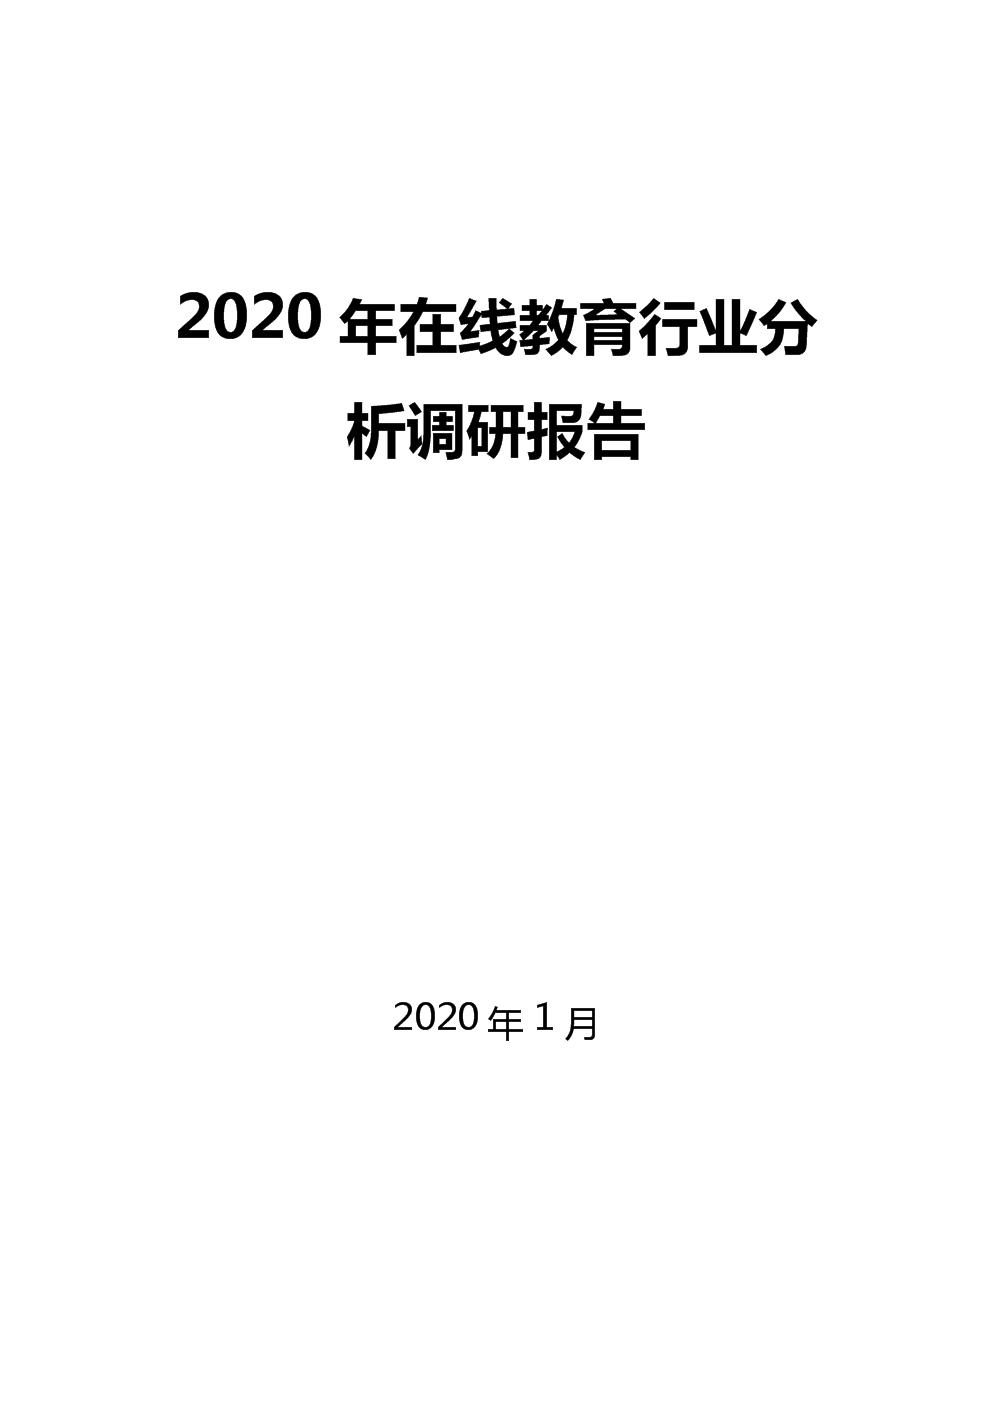 2020在线教育行业分析调研.docx